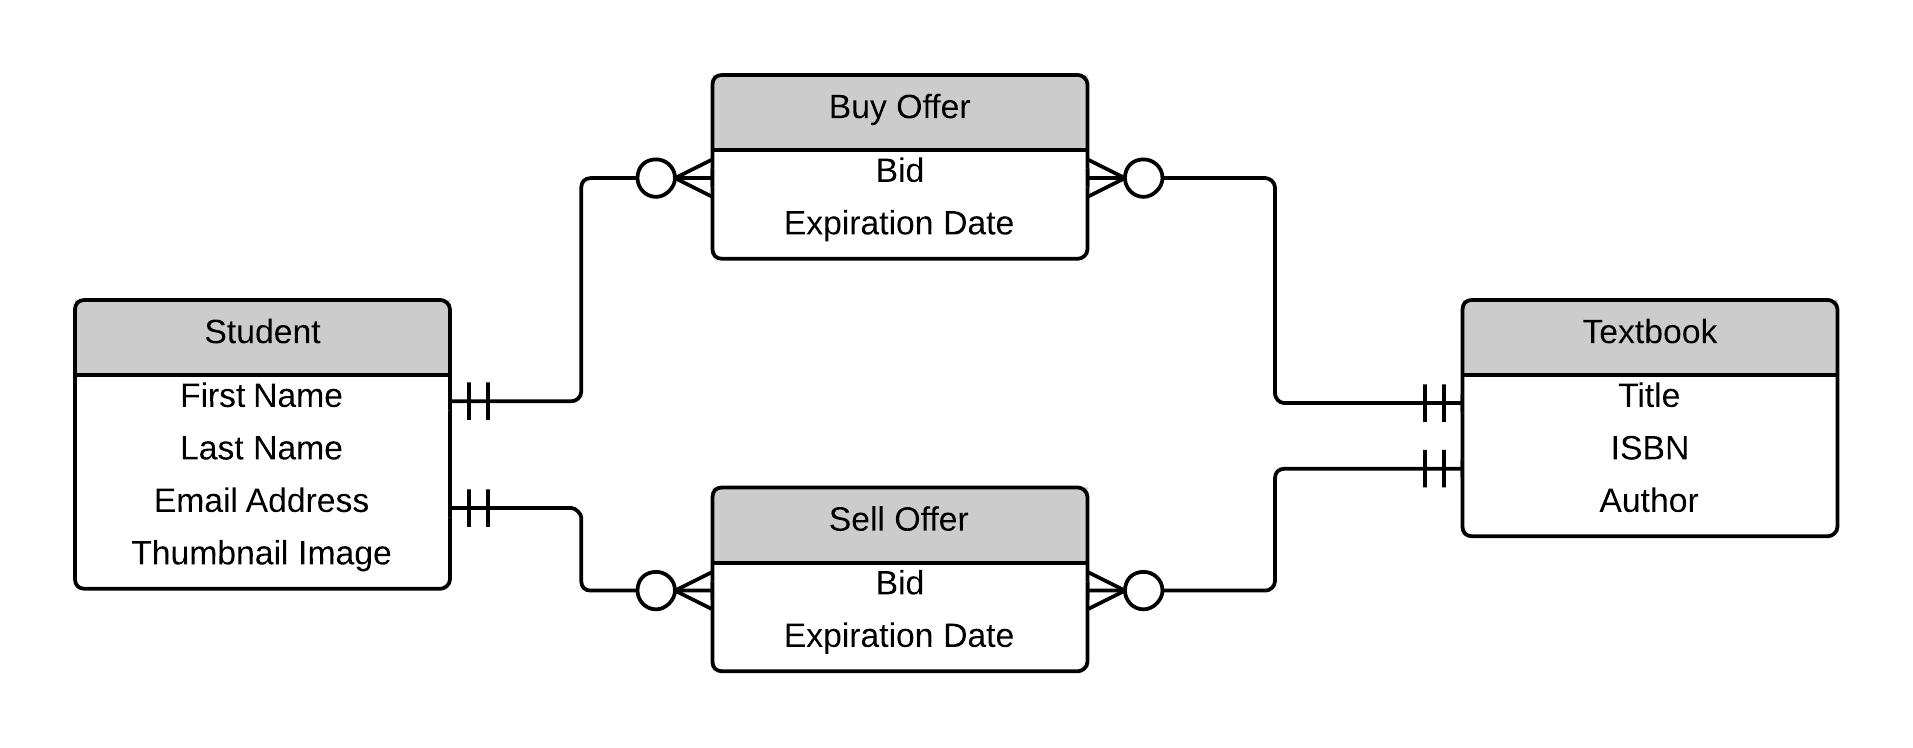 Textbook Mania Er Diagram Wod | Evan Komiyama inside Er Diagram 1 To Many